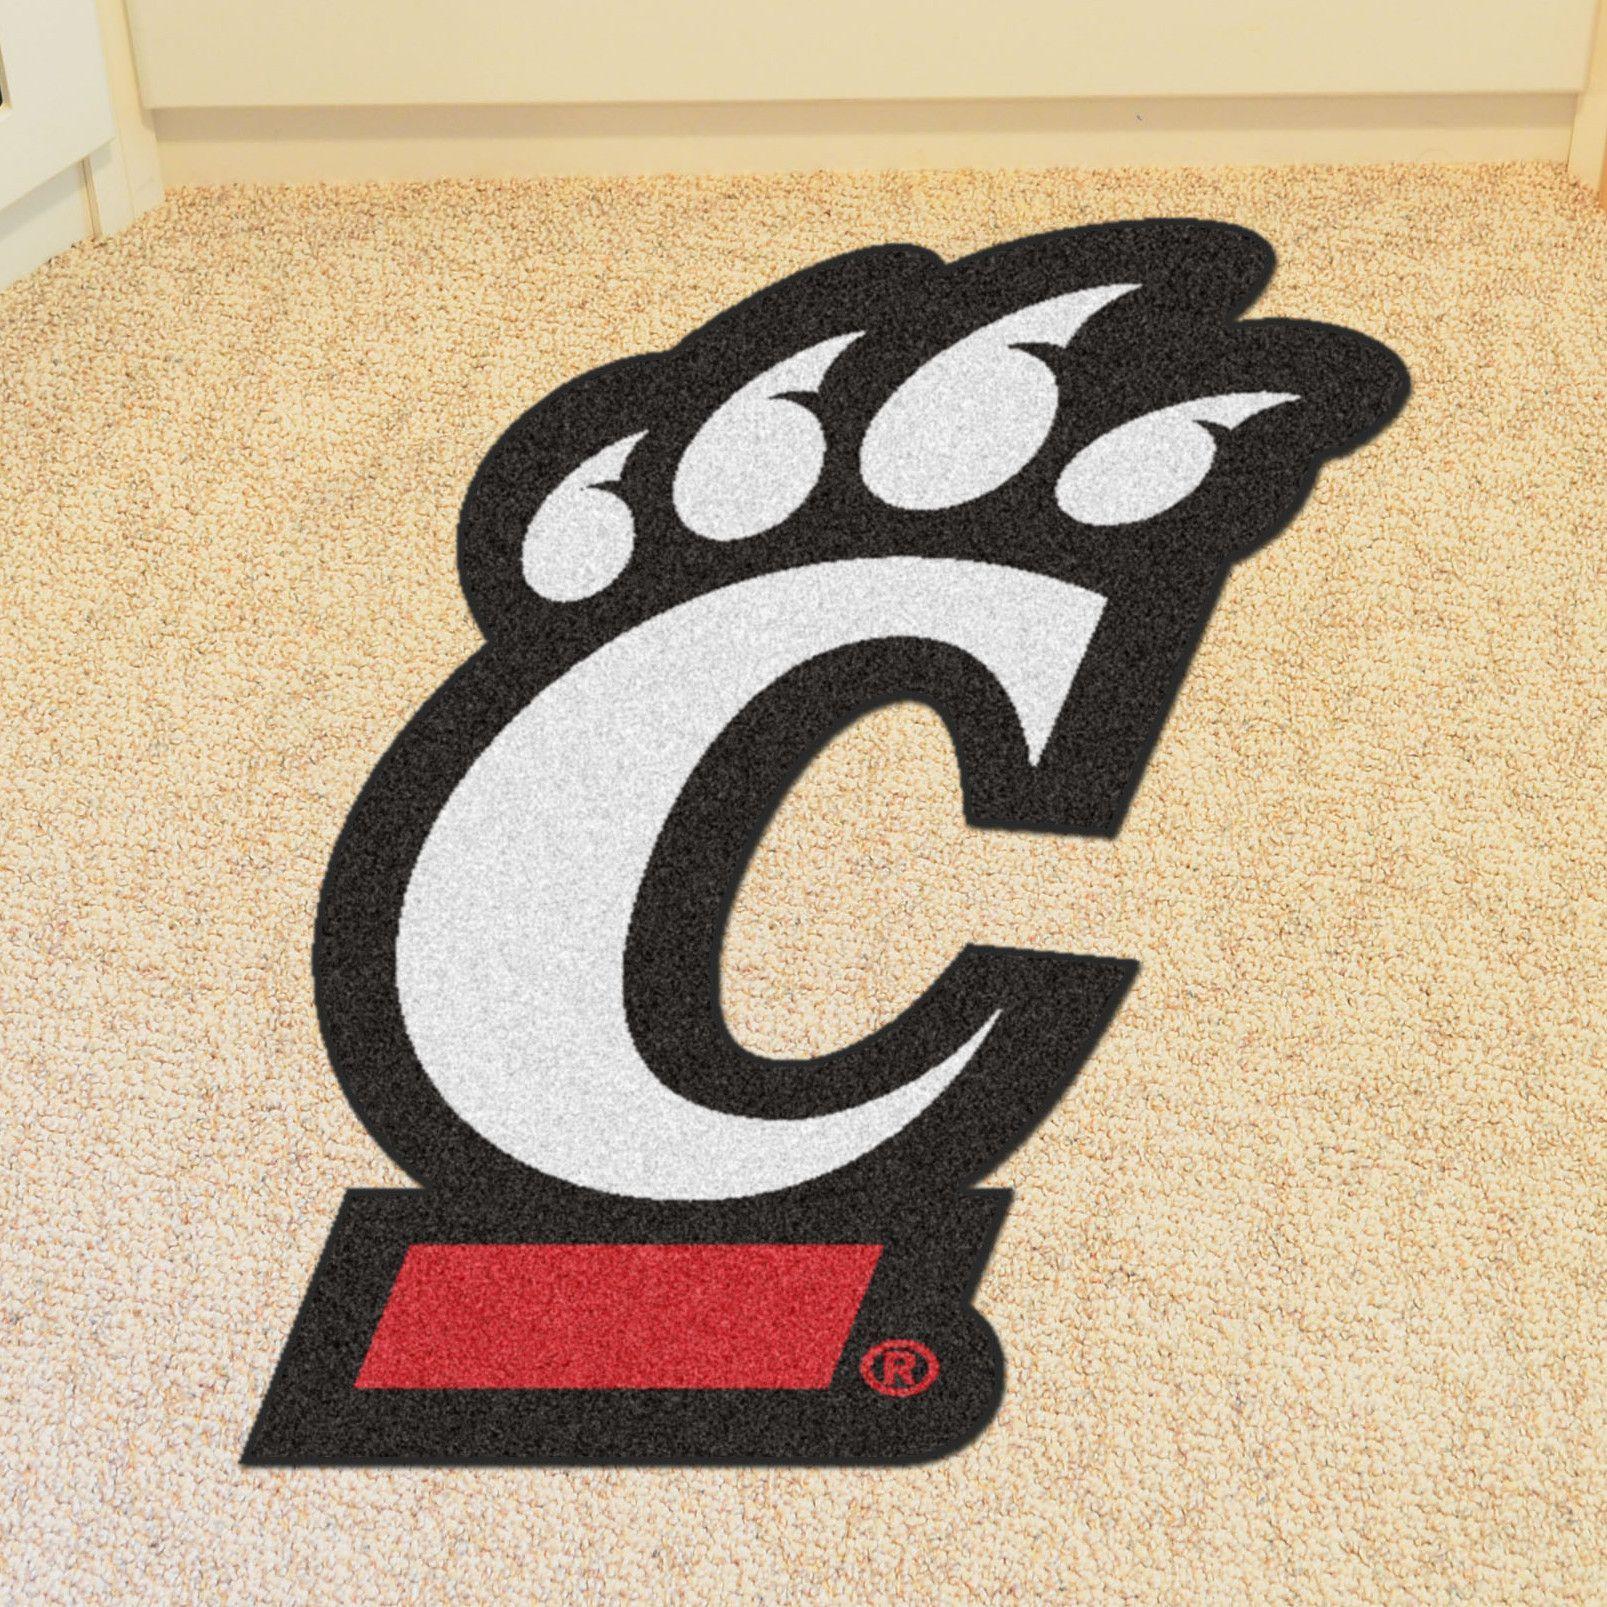 Ncaa University Of Cincinnati Mascot 40 In X 30 In Non Slip Indoor Only Mat Cincinnati Bearcats University Of Cincinnati Team Sports Gifts